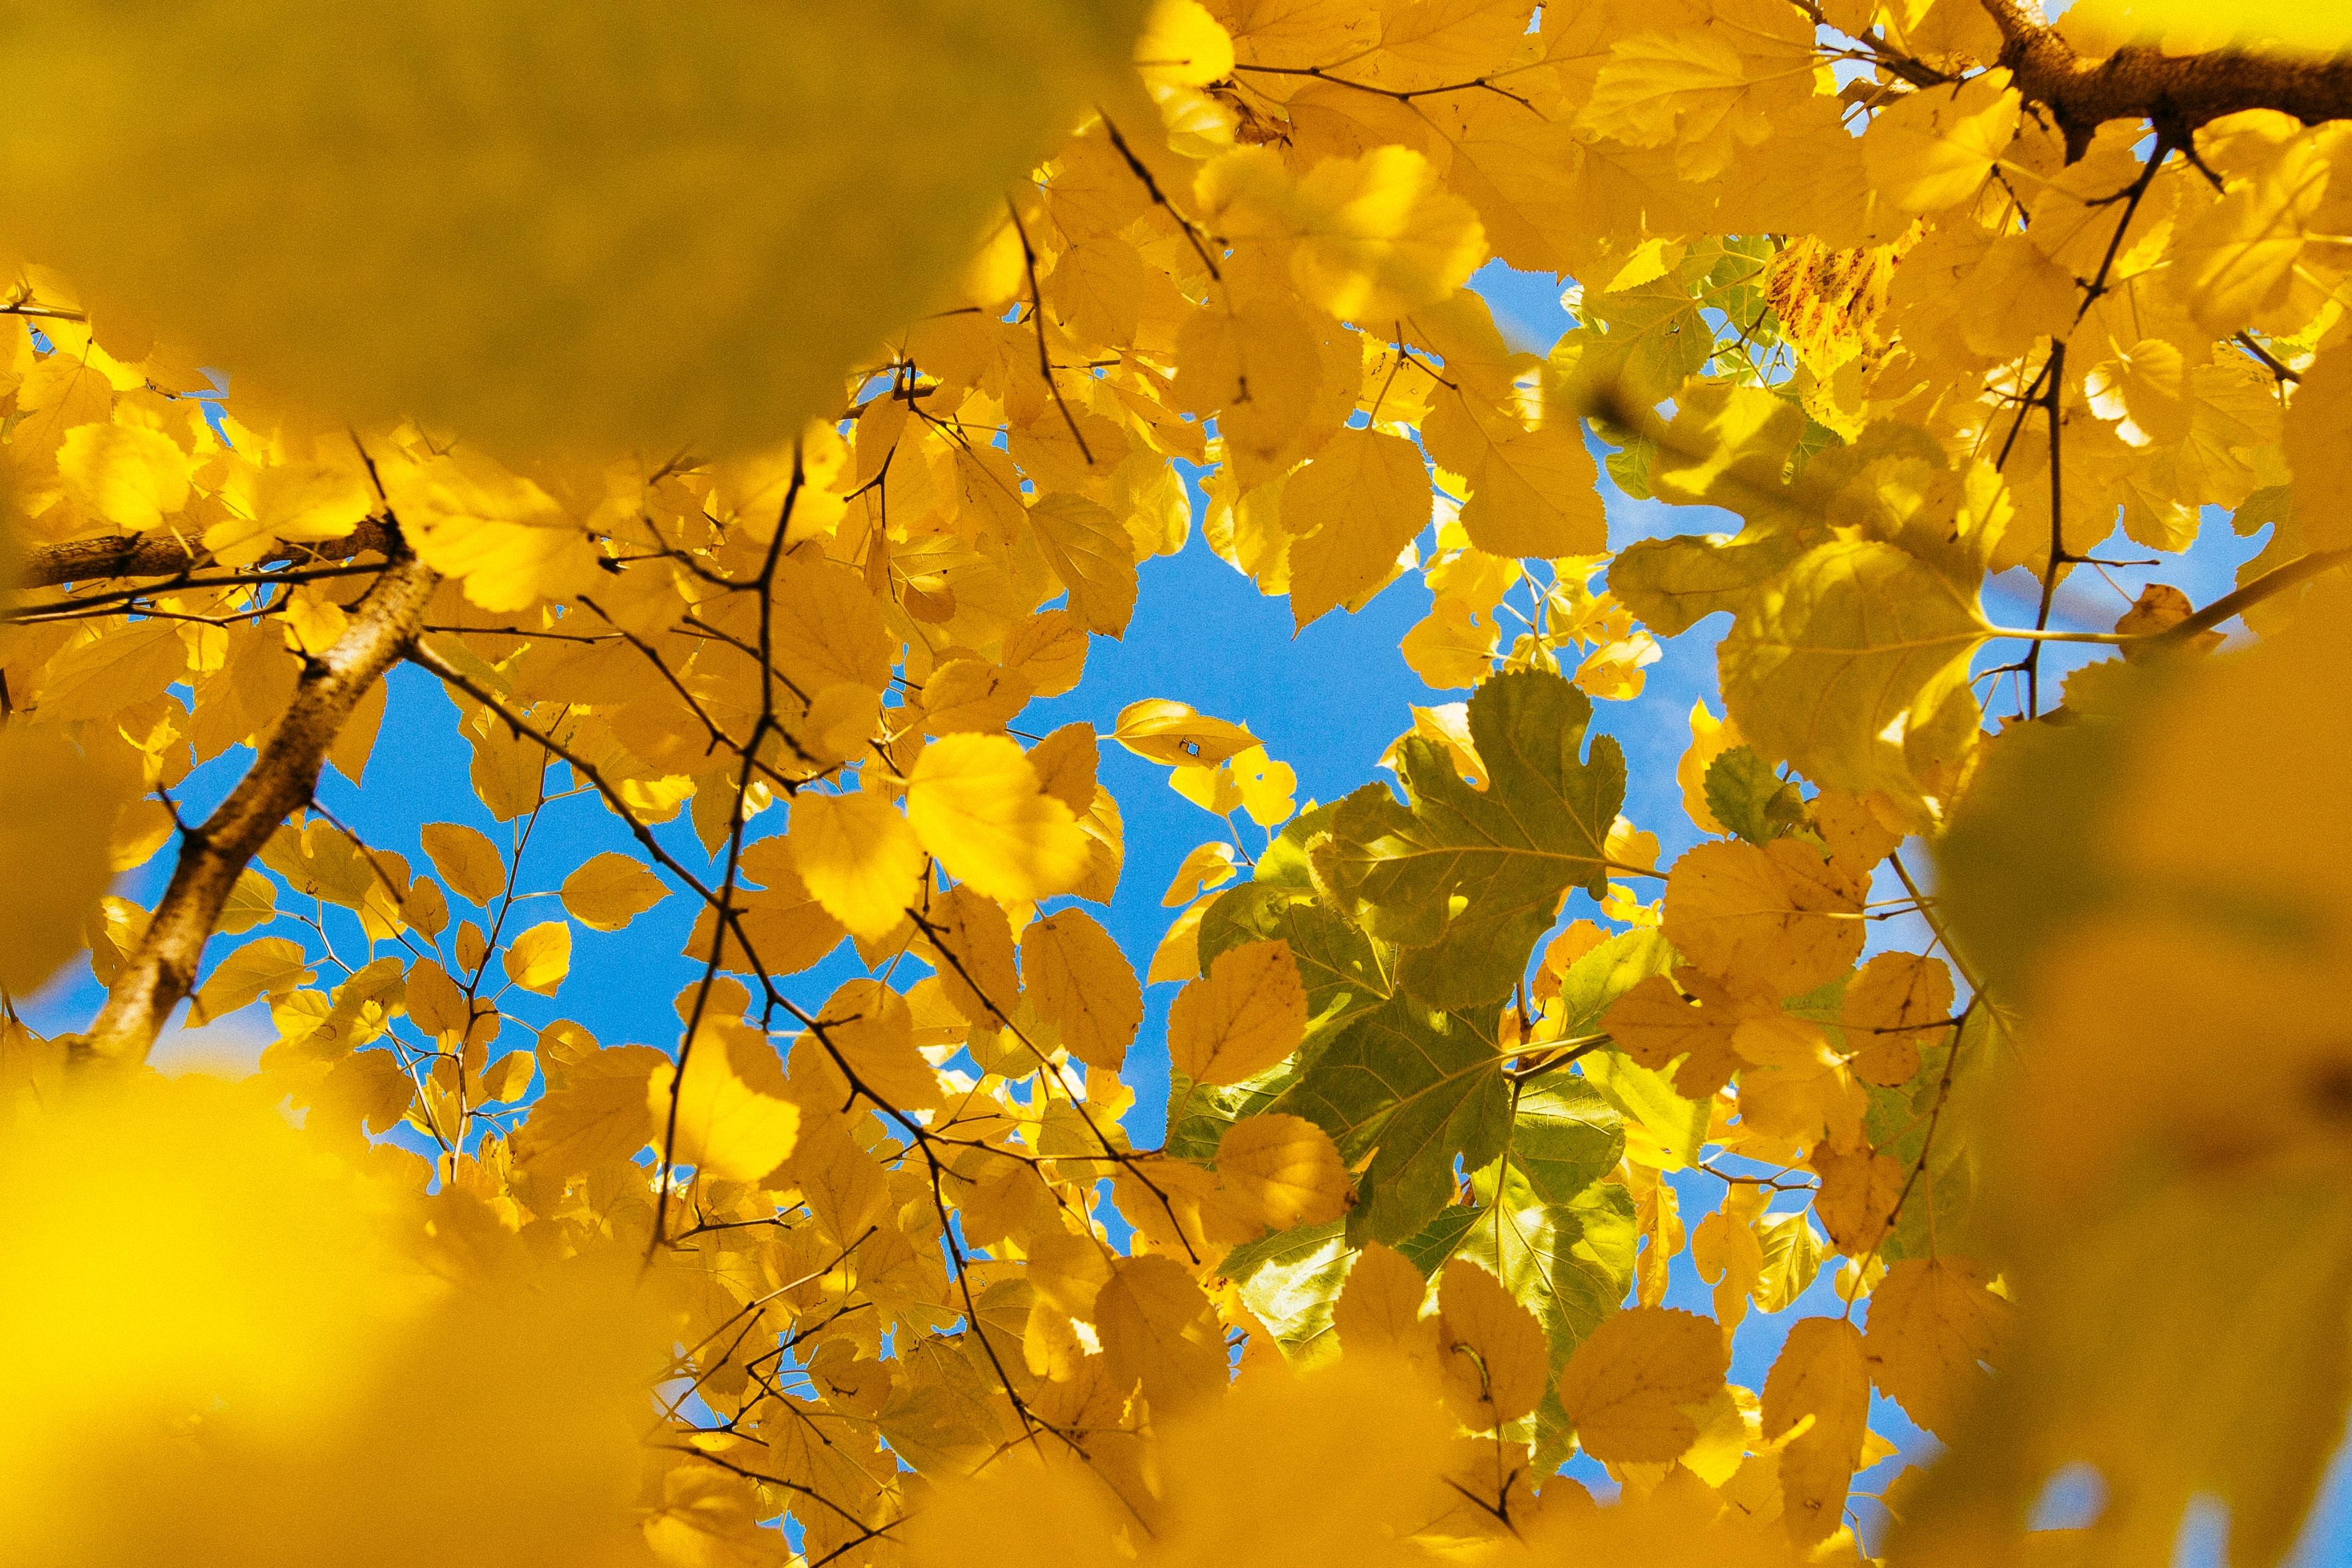 150745 Заставки и Обои Осень на телефон. Скачать Осень, Природа, Листья, Ветки, Желтый картинки бесплатно